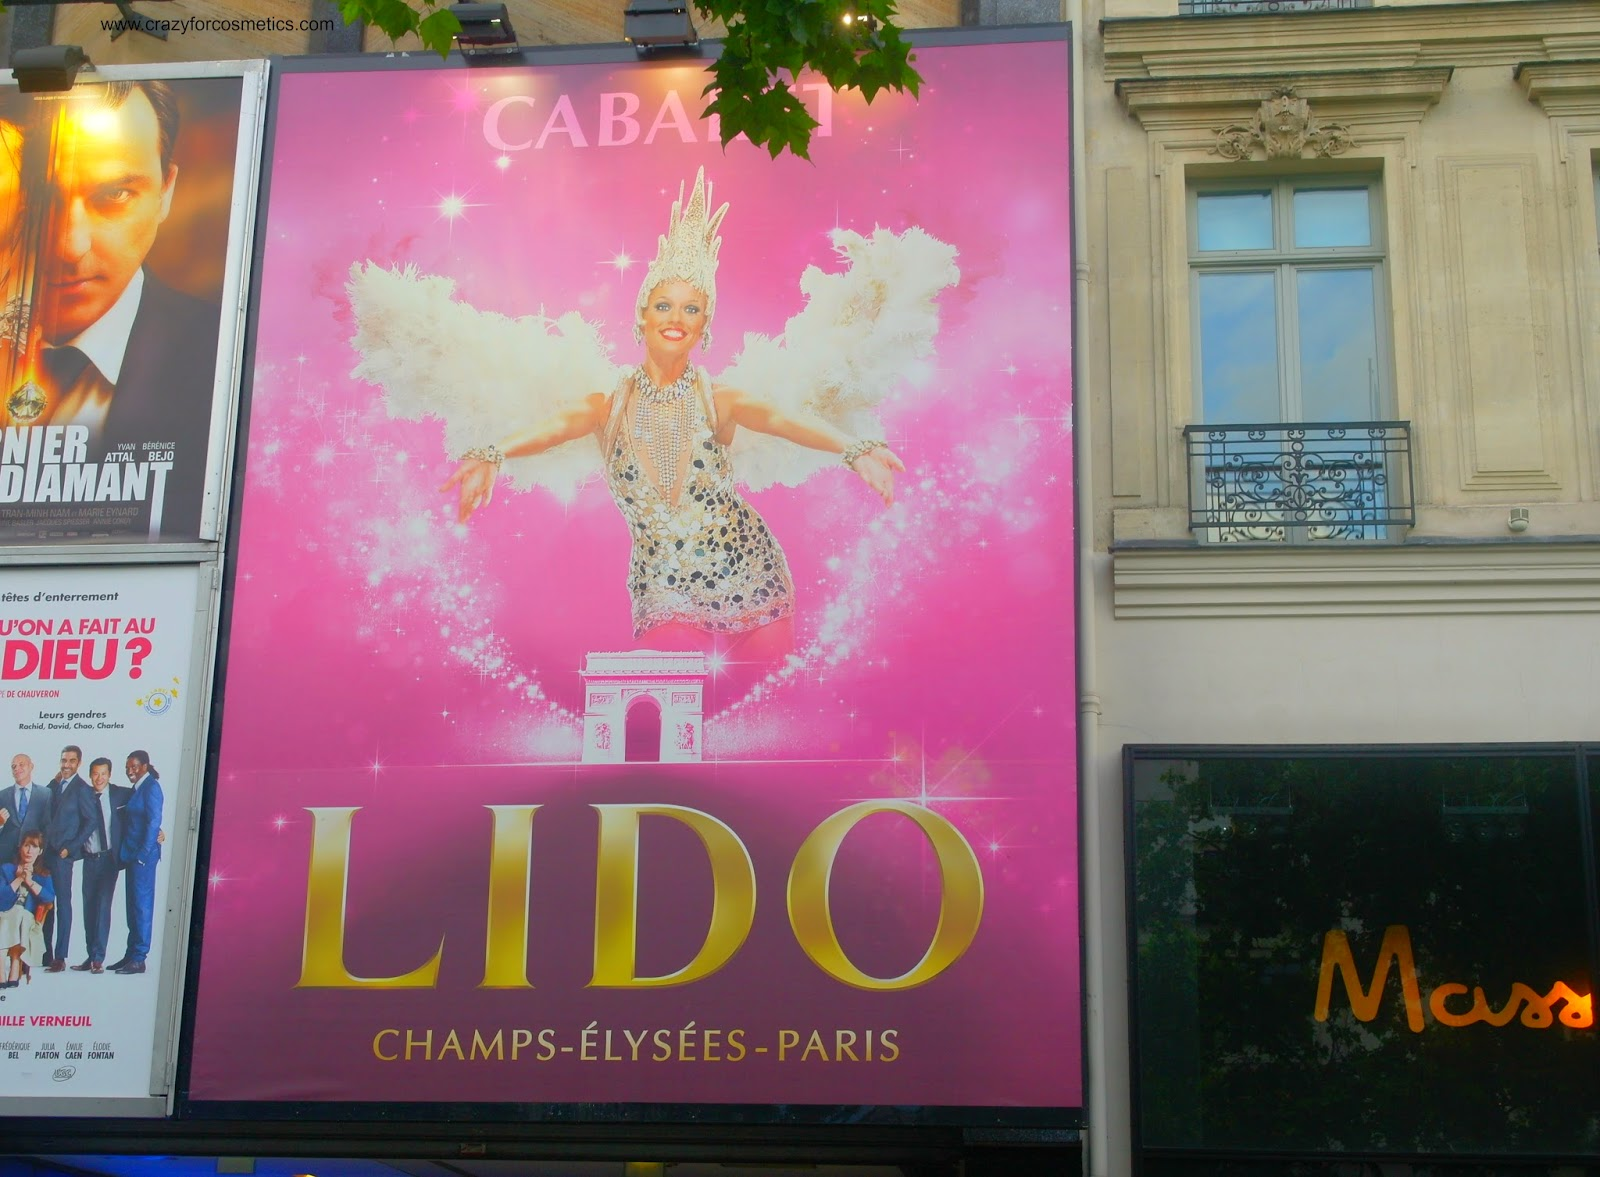 Lido show Paris 2014